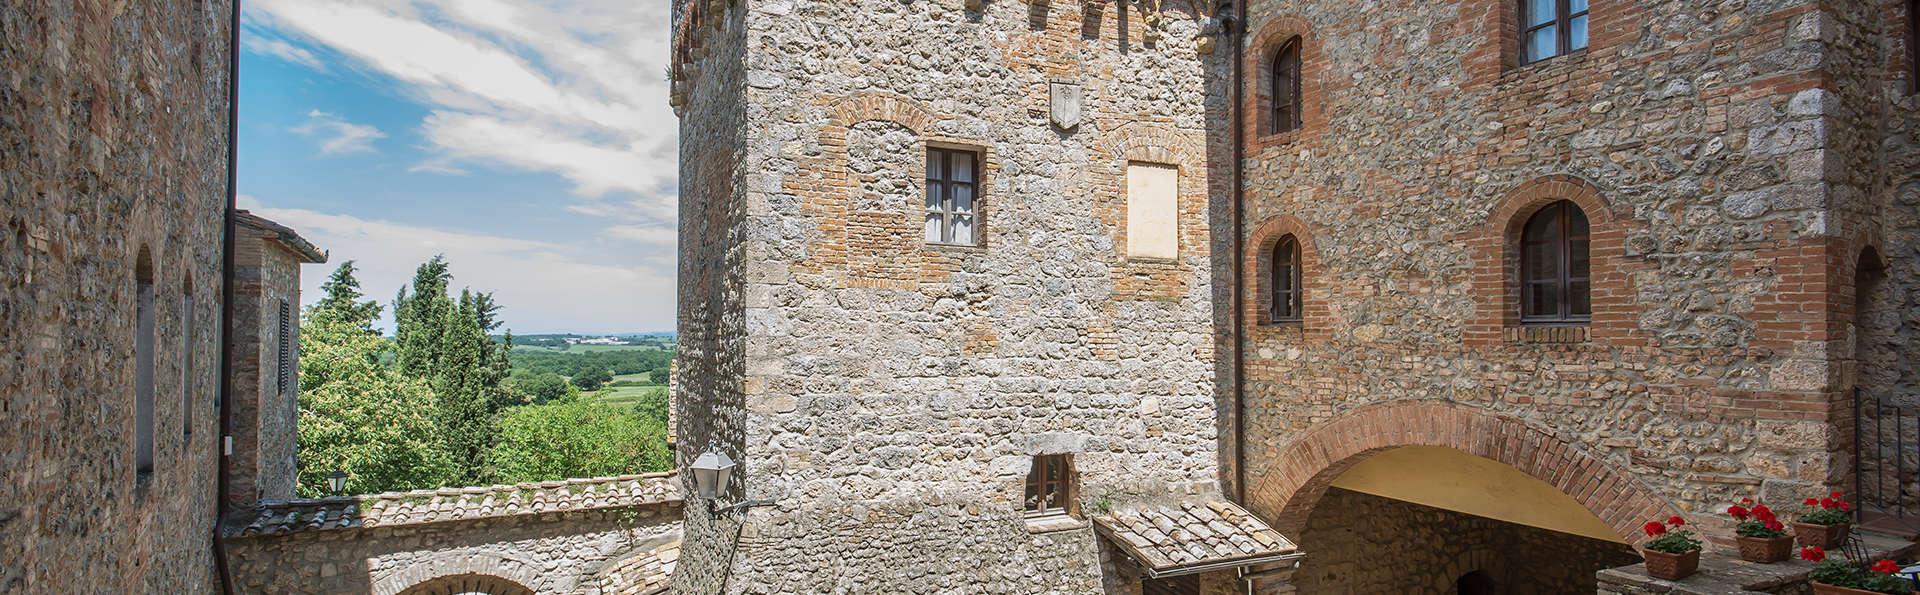 Castel Pietraio - Edit_Ext2.jpg